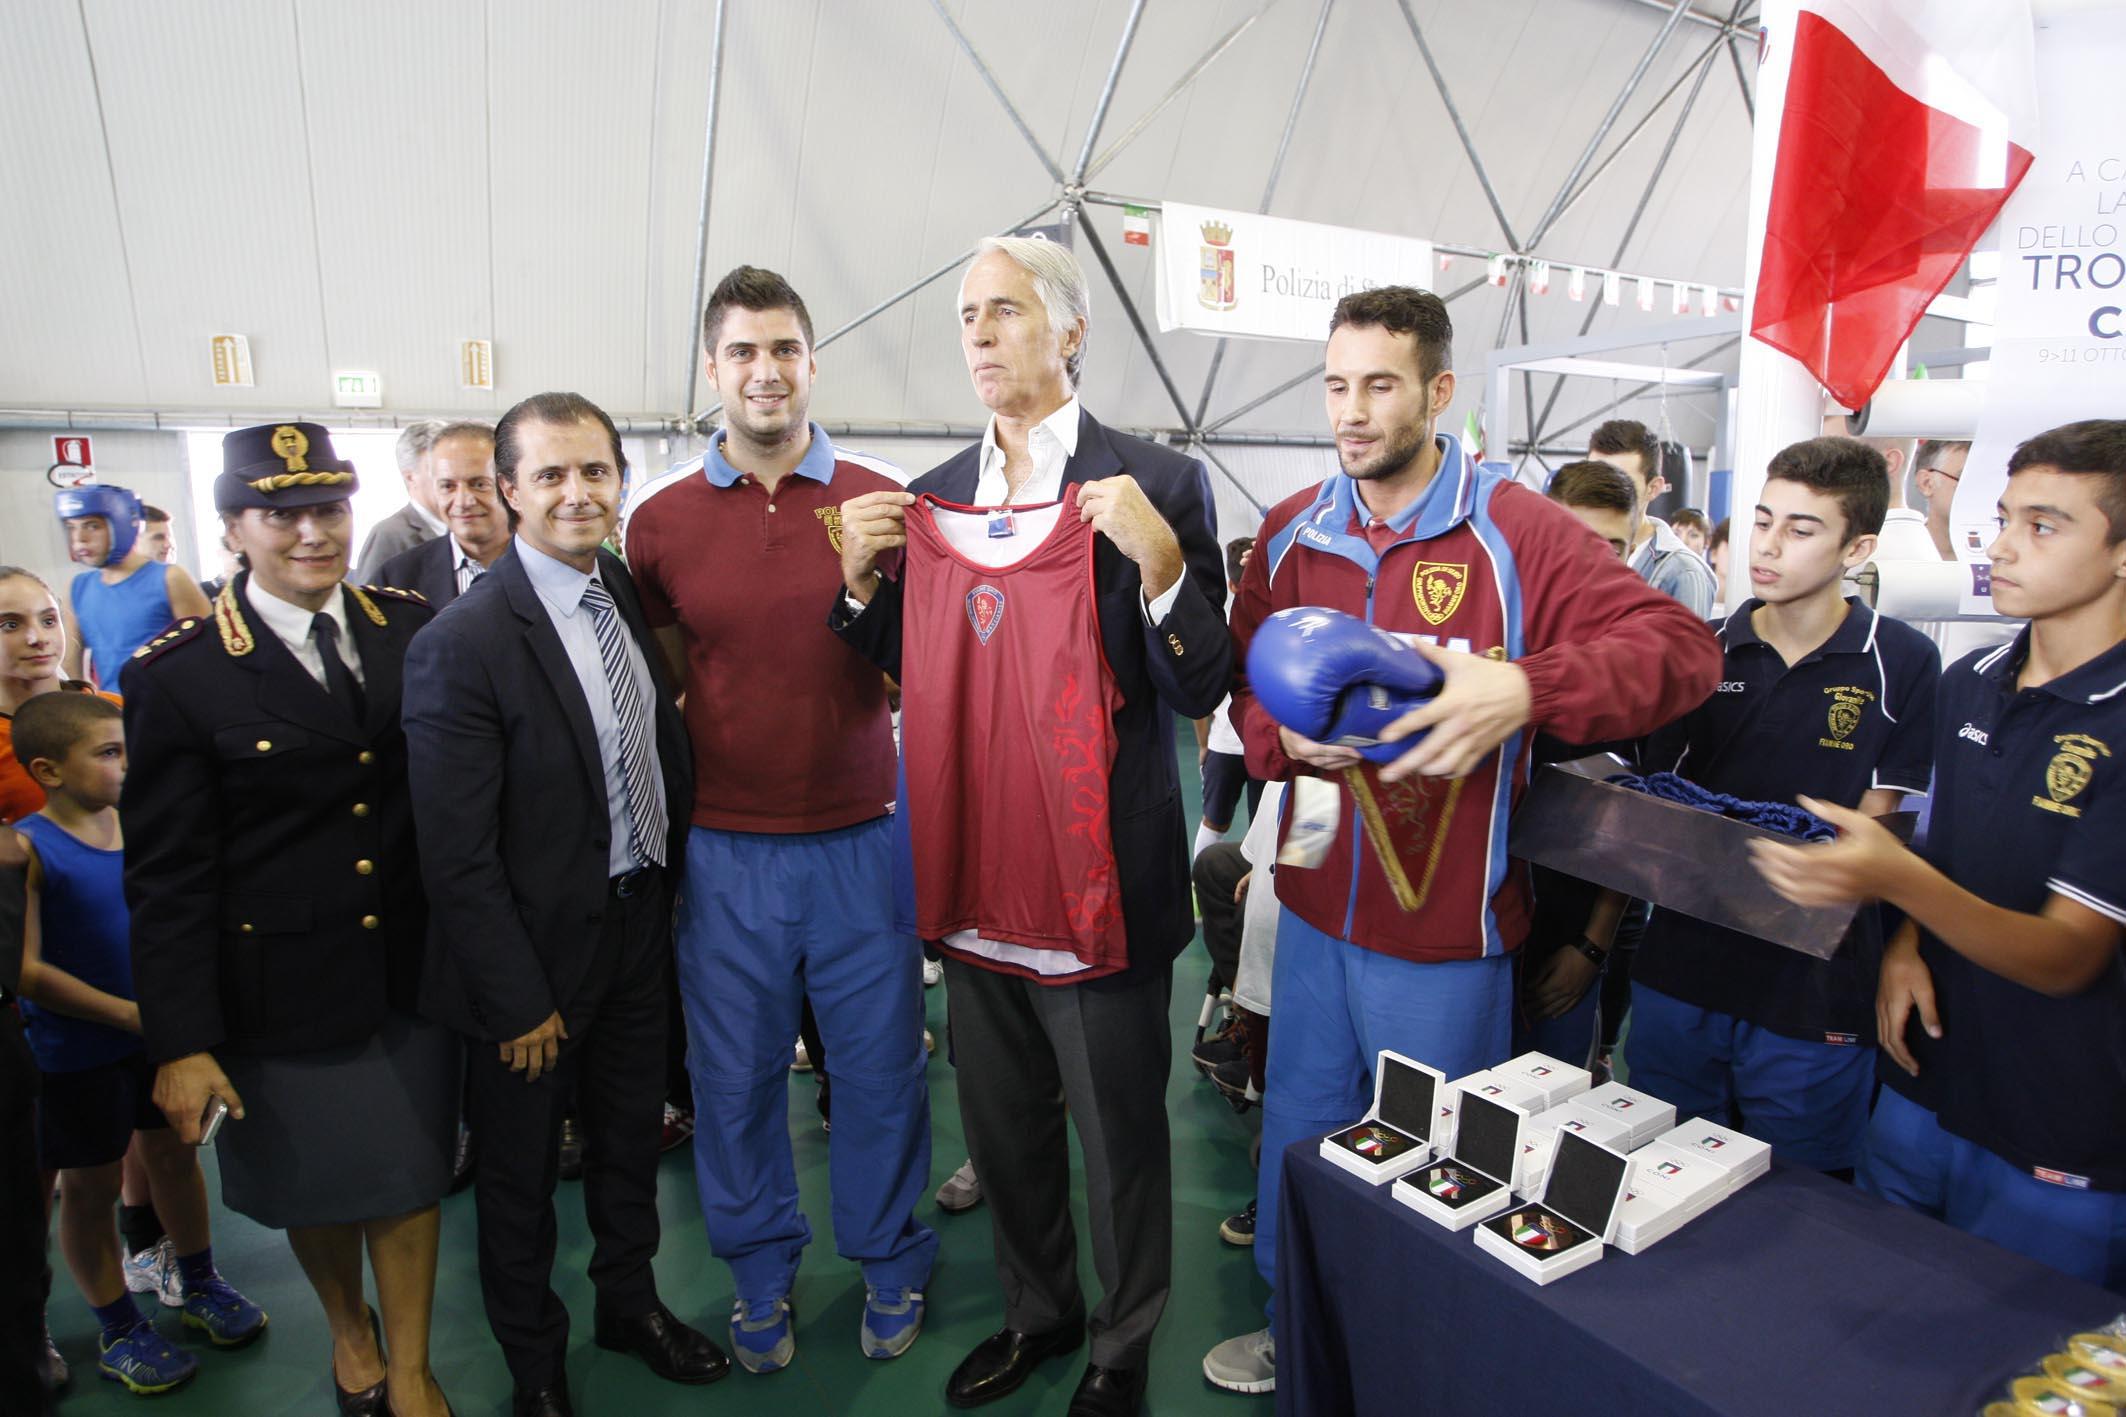 Trofeo_Coni_Giorno2_38